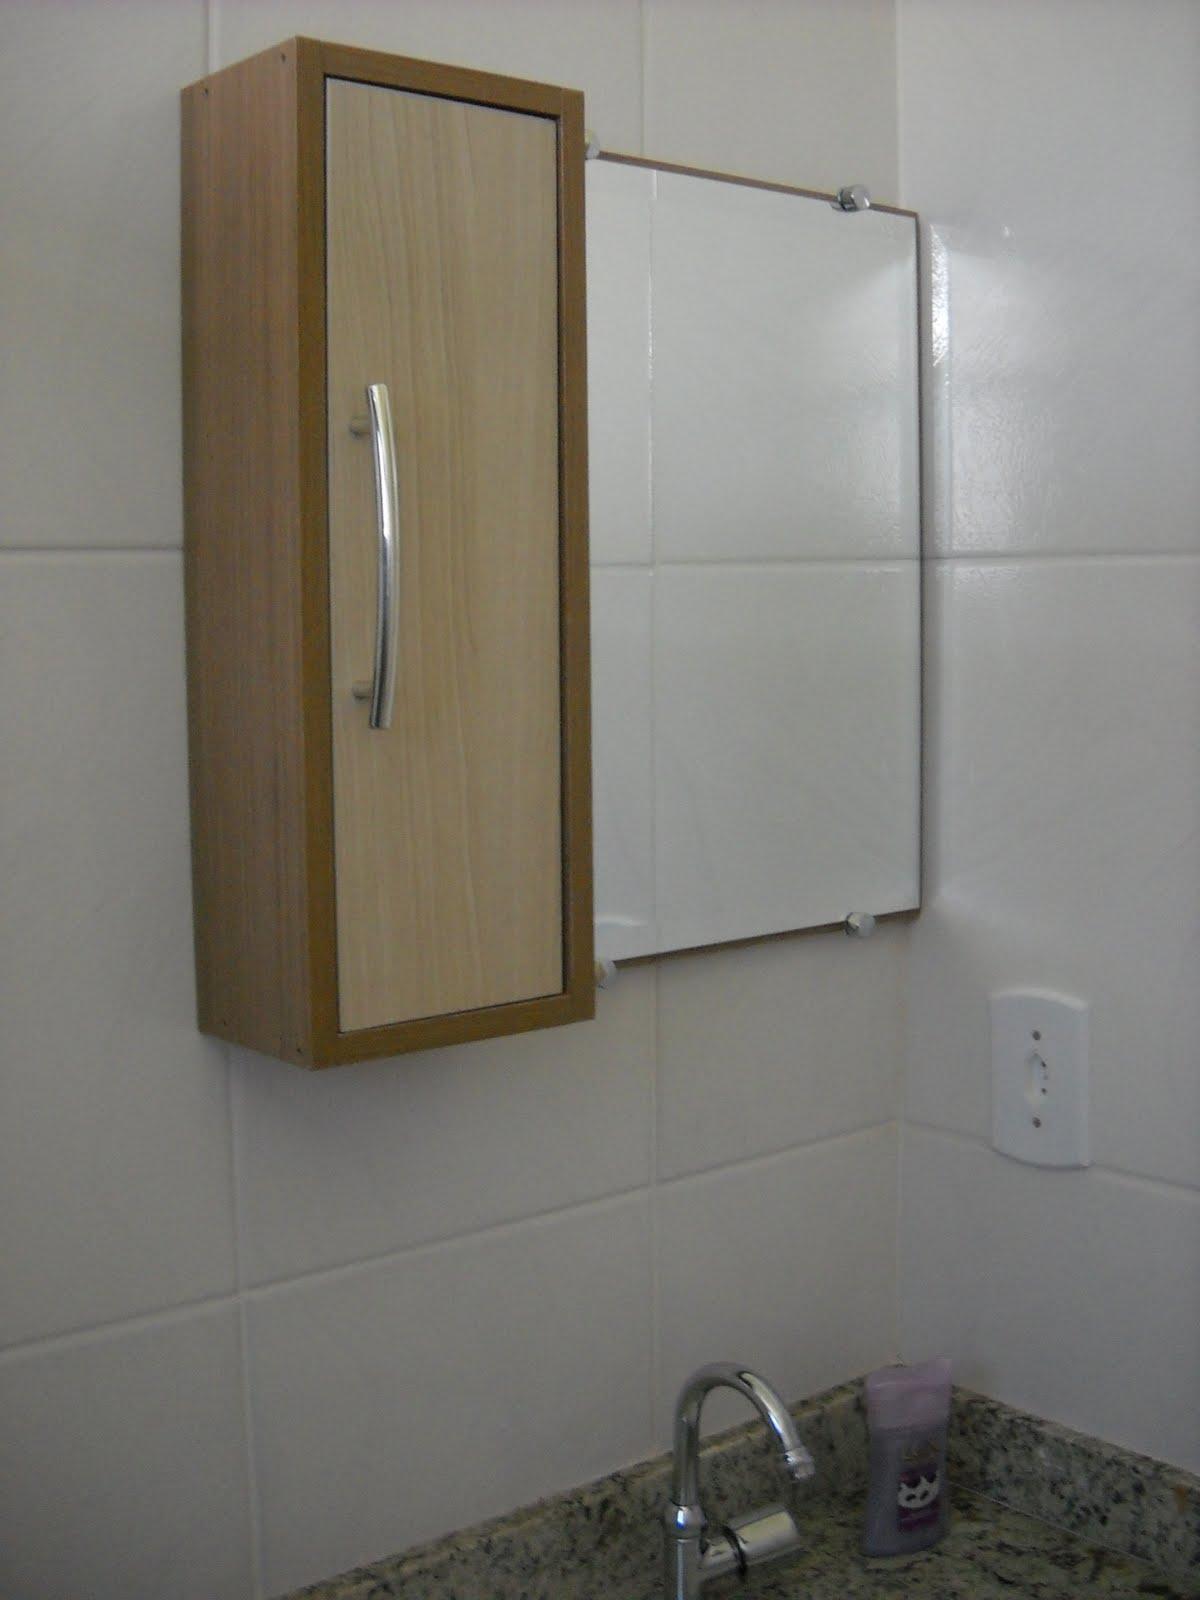 FR Design Móveis planejados: Armário com espelho para banheiro. #5D4B34 1200x1600 Banheiro Acessivel Tamanho